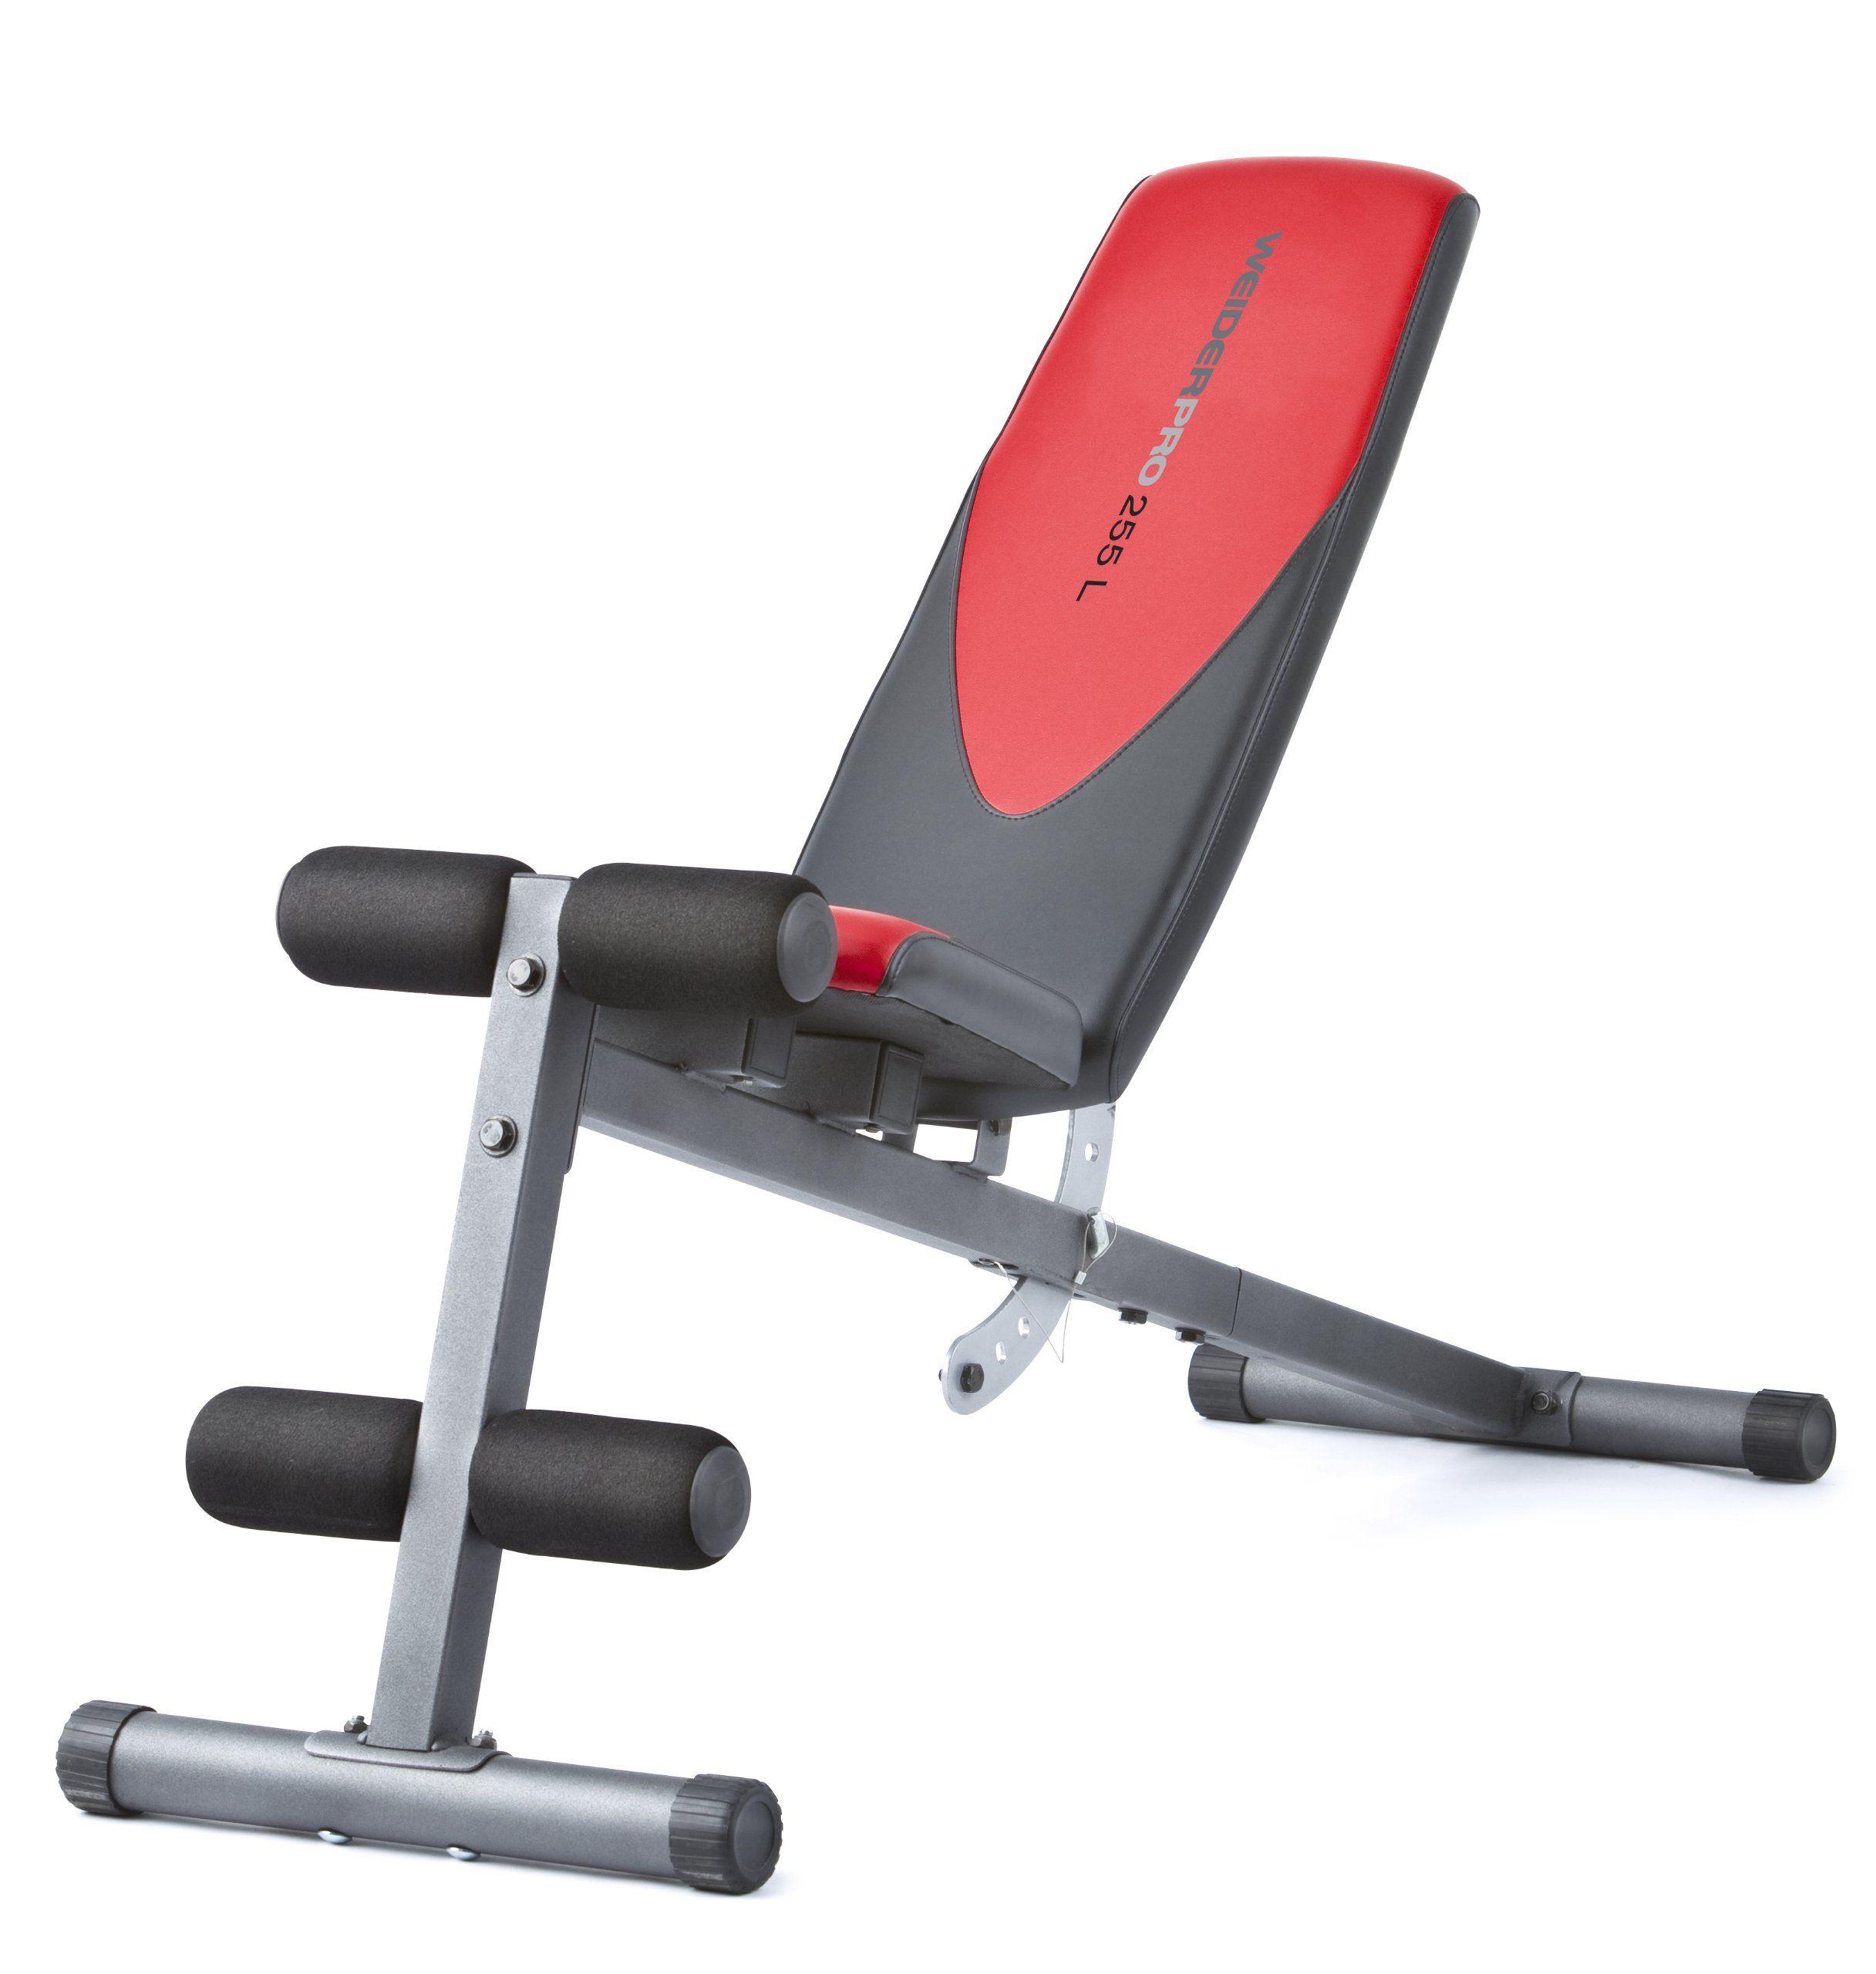 Weider Incline Weight Bench Adjustable